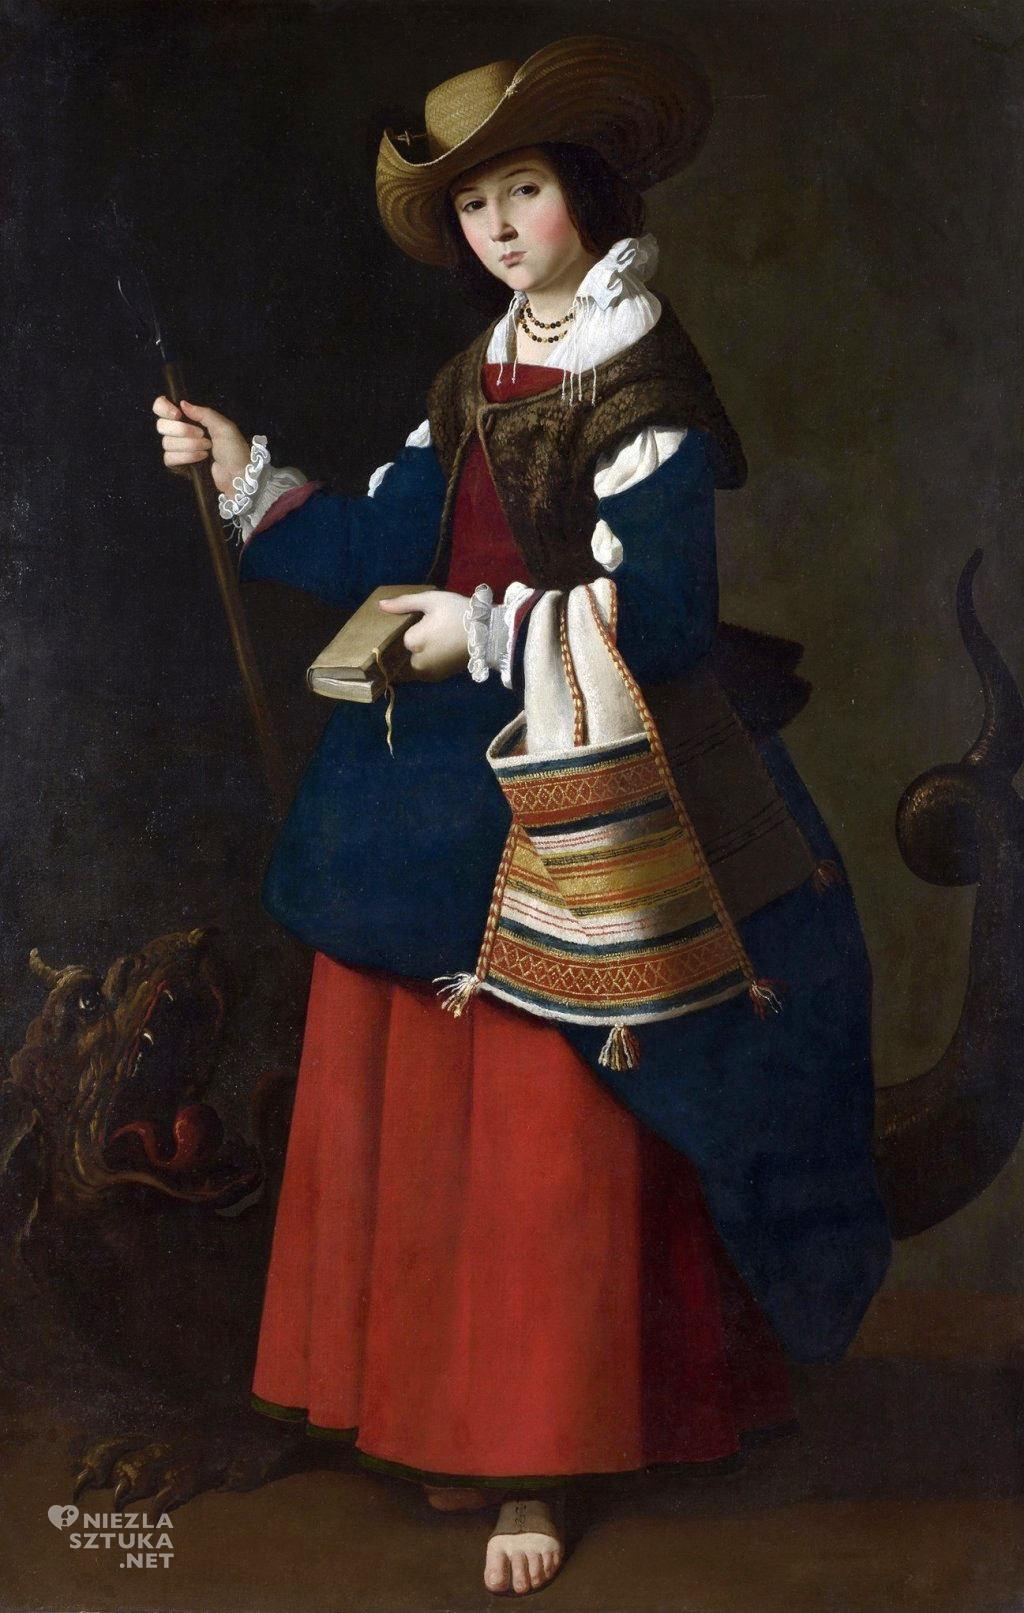 Francisco de Zurbarán Małgorzata Antiocheńska | 1630-34, National Gallery, Londyn